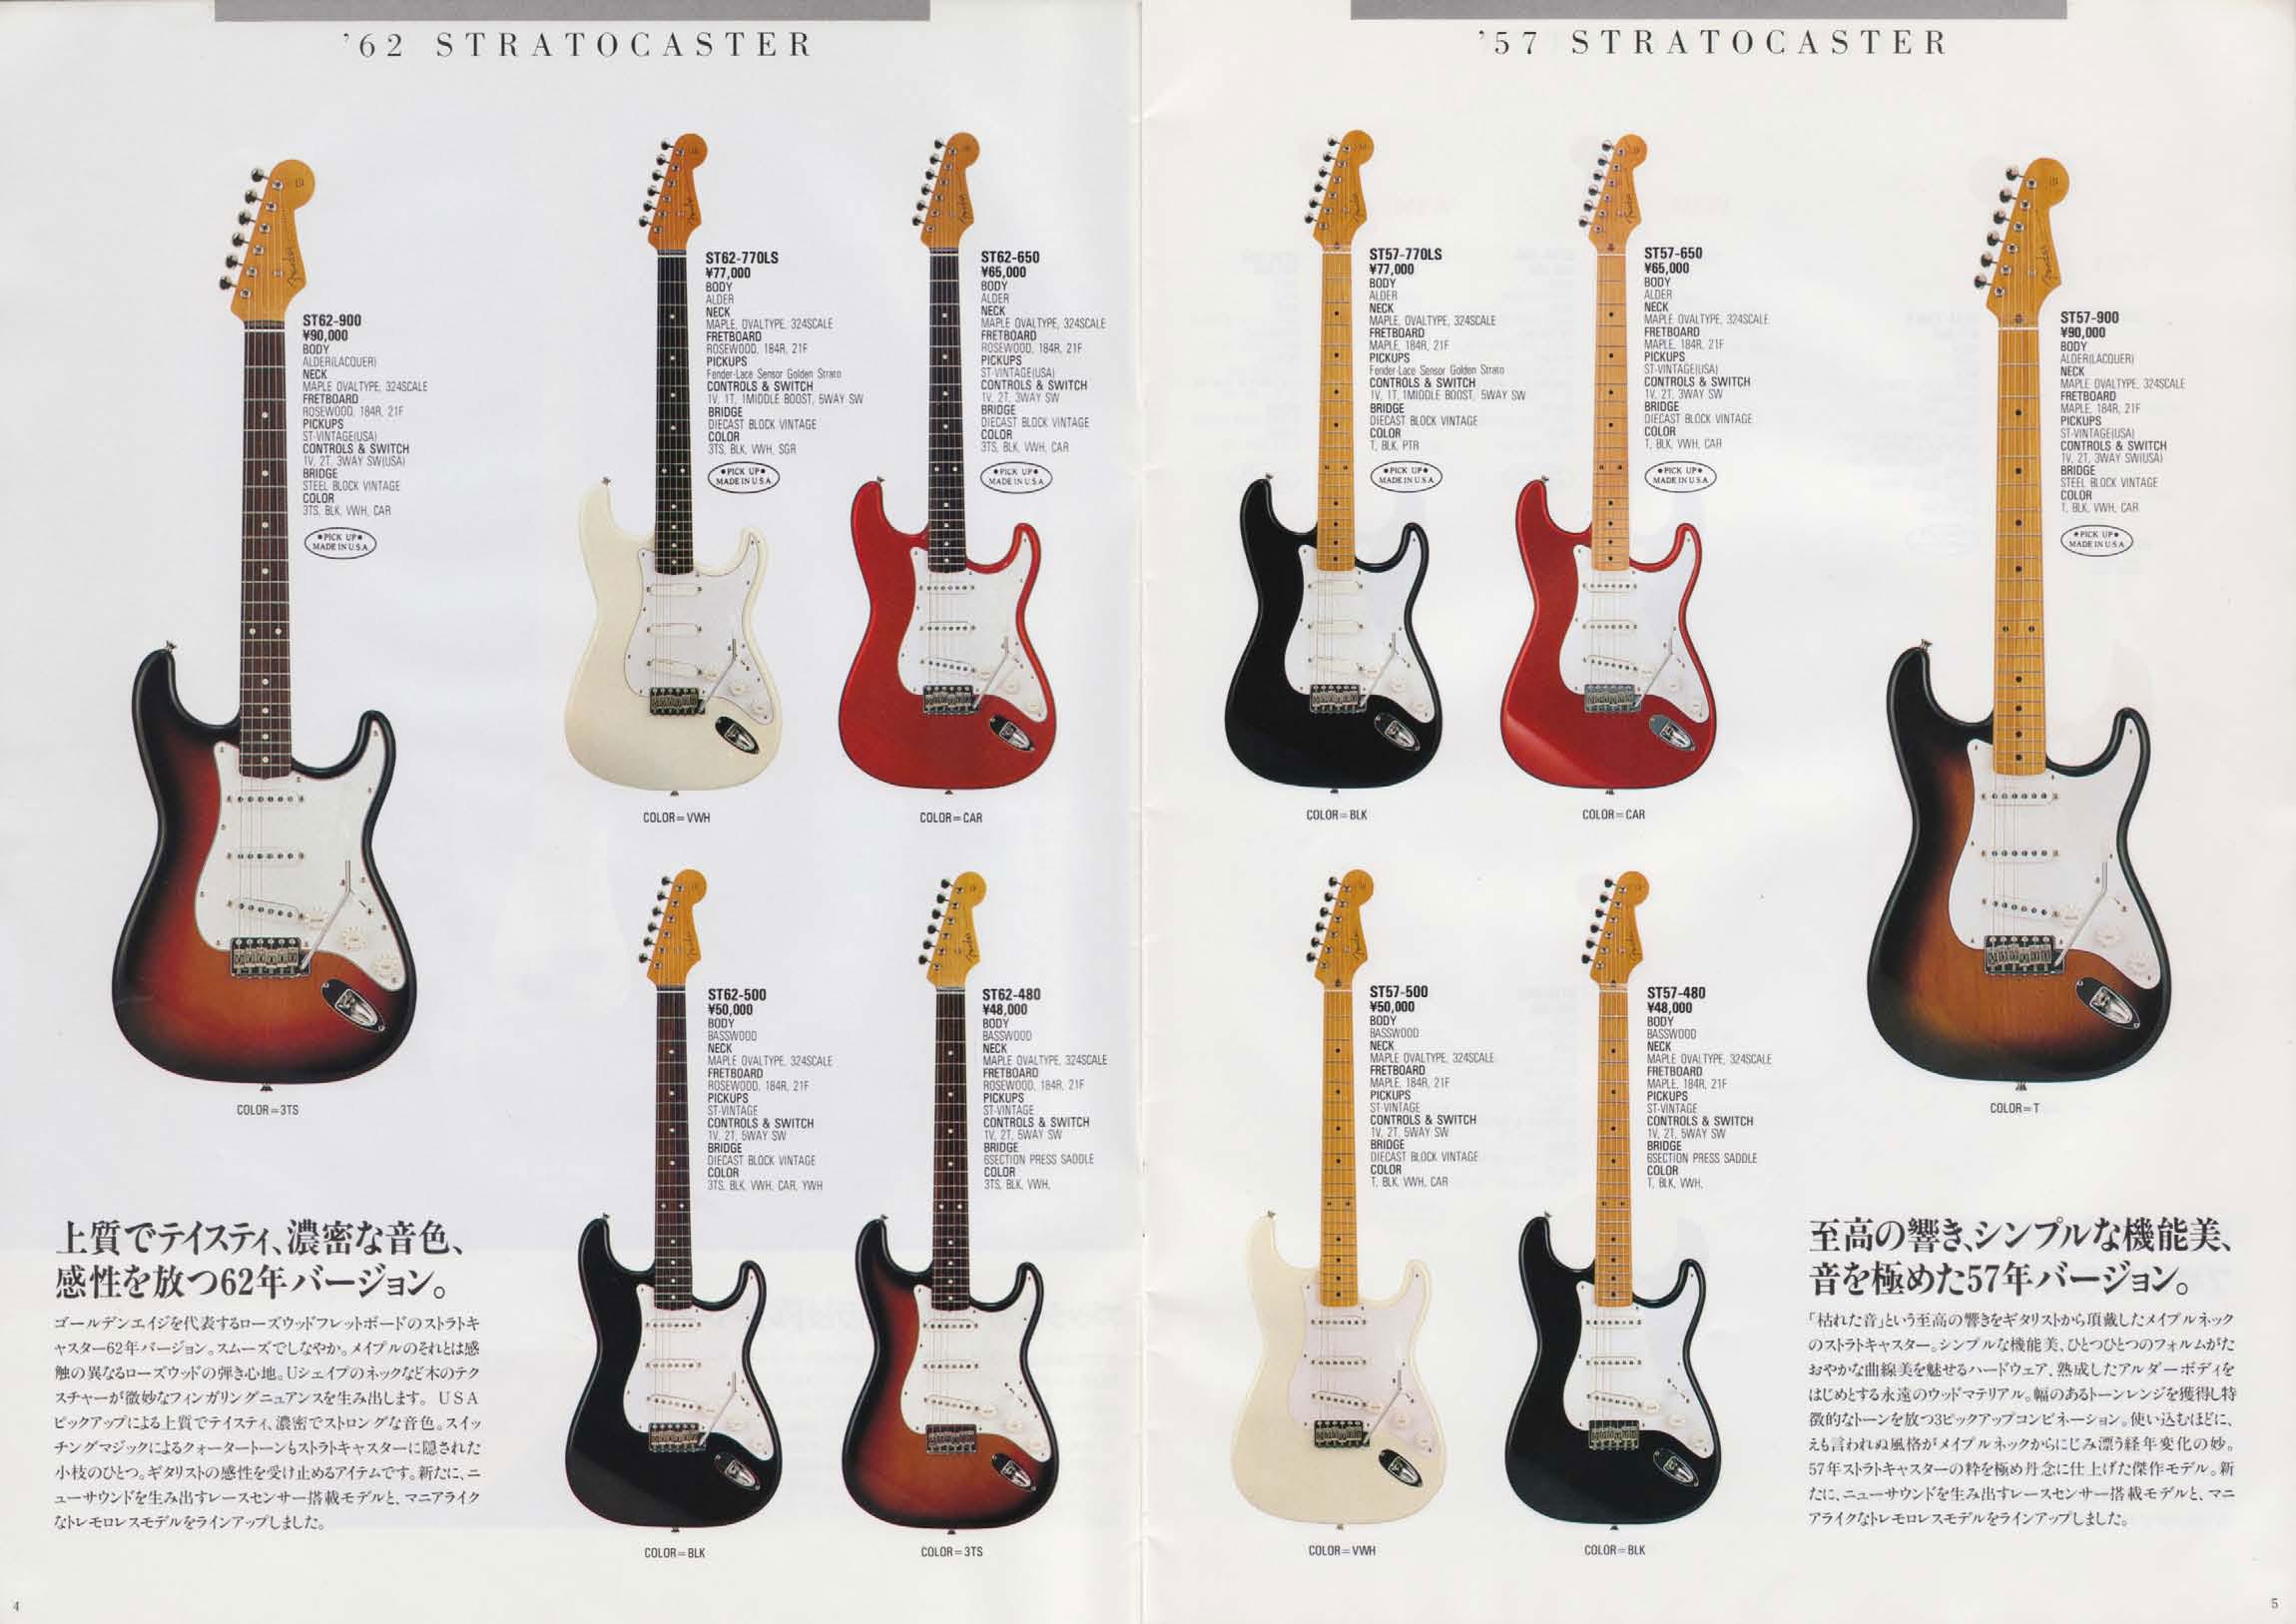 fender гитары каталог: